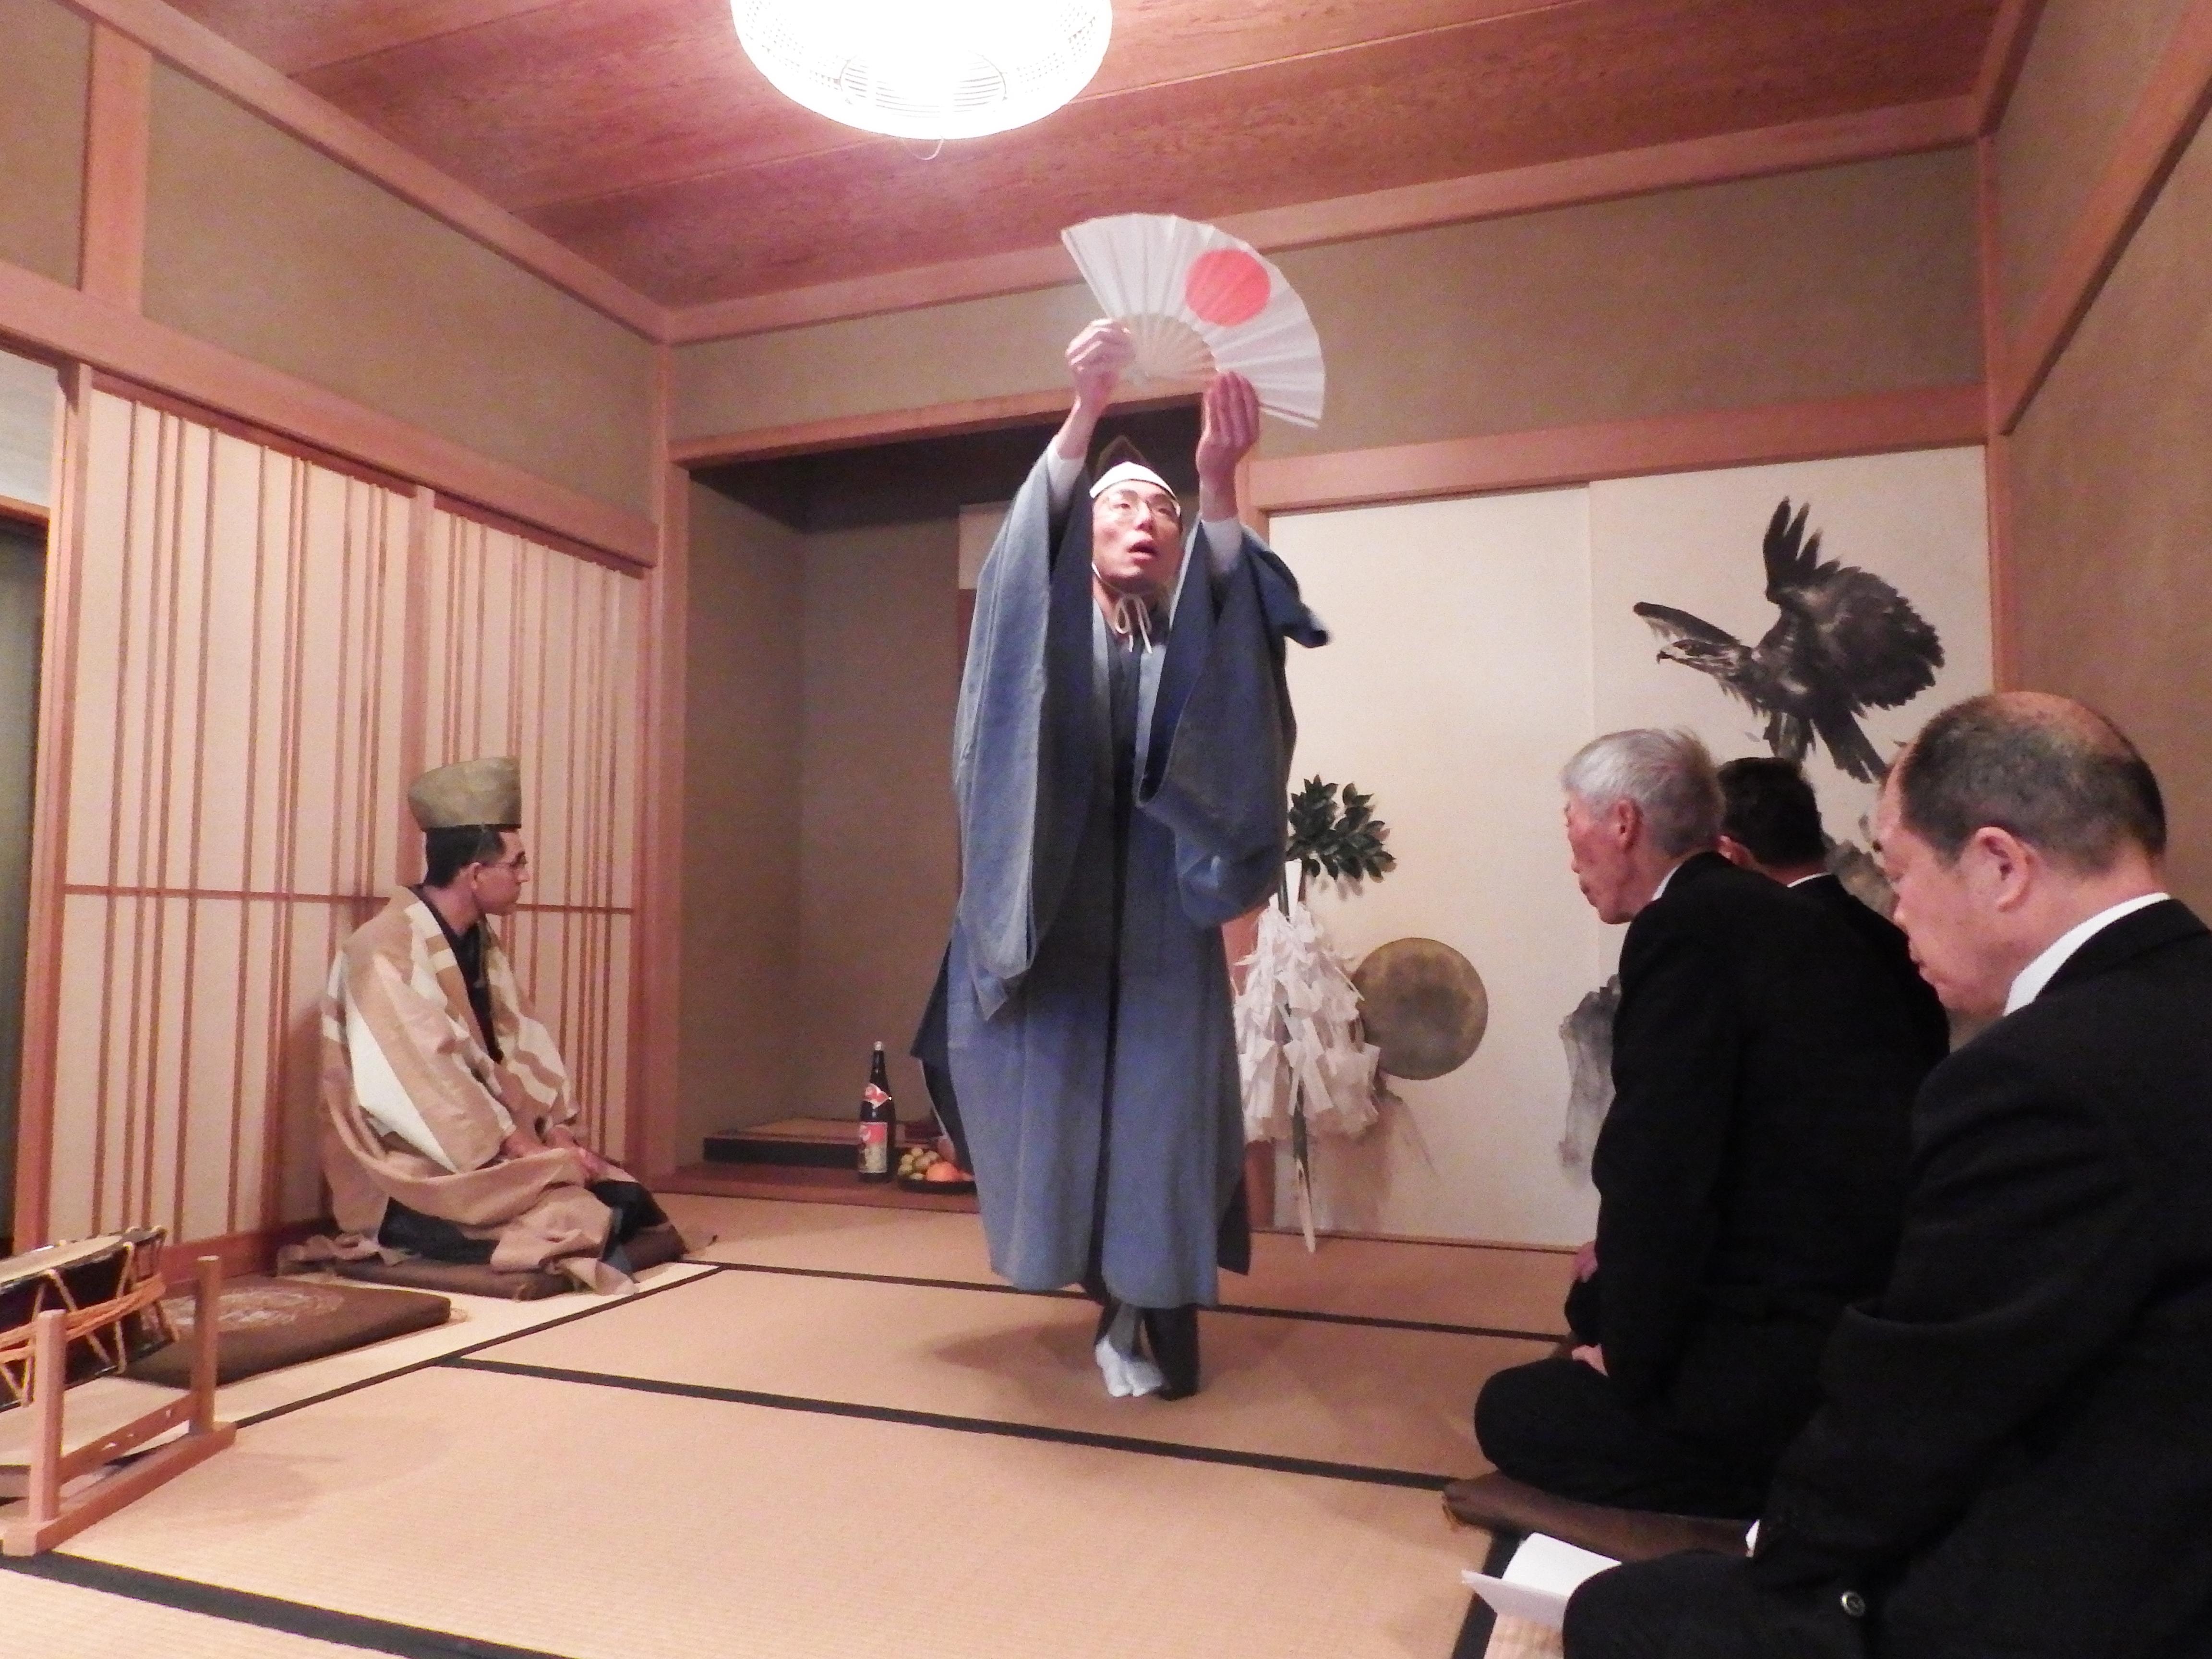 毎年2月11日。伊方町二名津地区の伝統の春祭り「お伊勢踊り」に参加してきました!